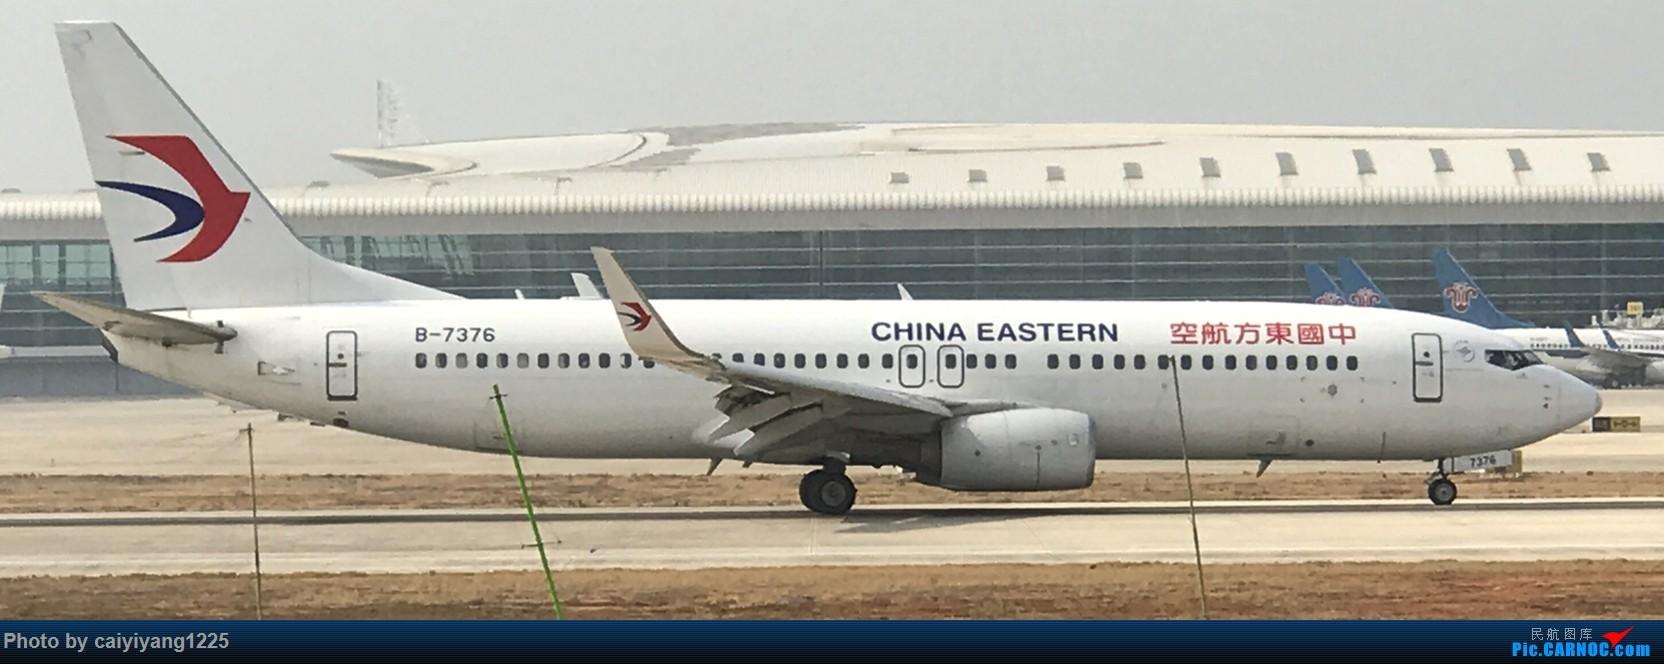 Re:[原创]武汉国庆拍机ps:出门忘带相机 拿手机拍的烂货请见谅! BOEING 737-800 B-7376 武汉天河国际机场